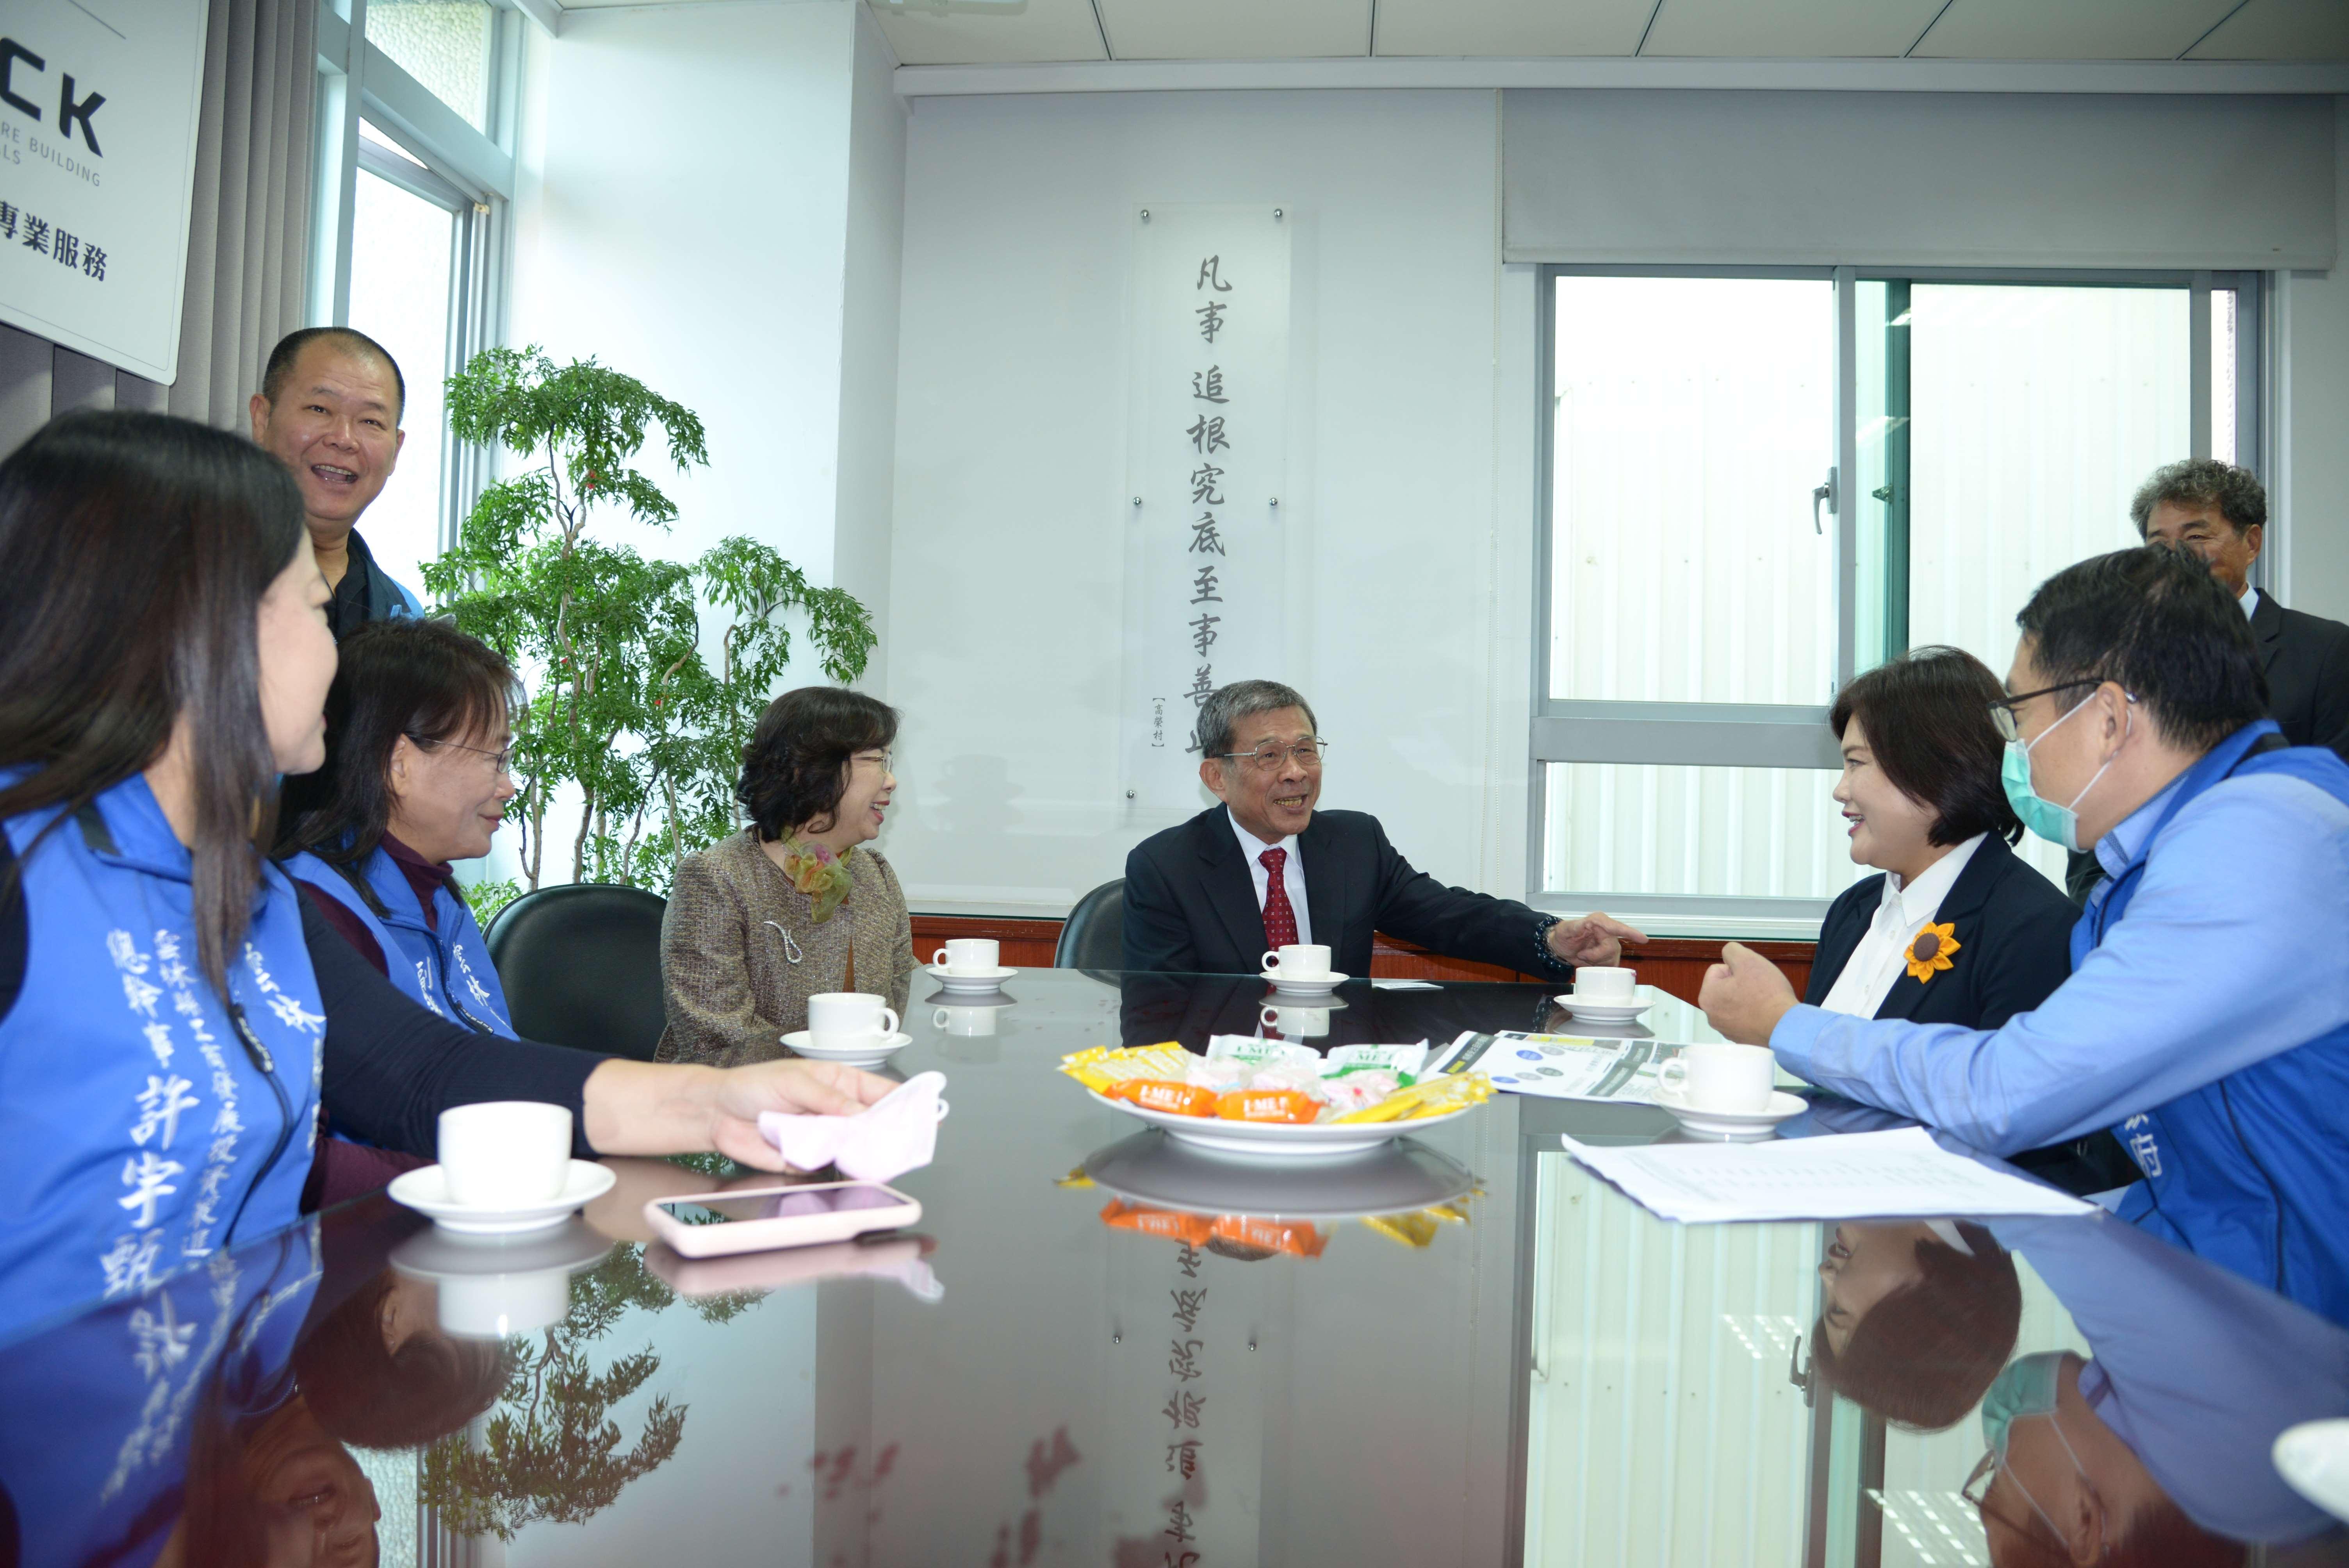 張麗善縣長帶隊拜訪巨高集團創辦人高榮村